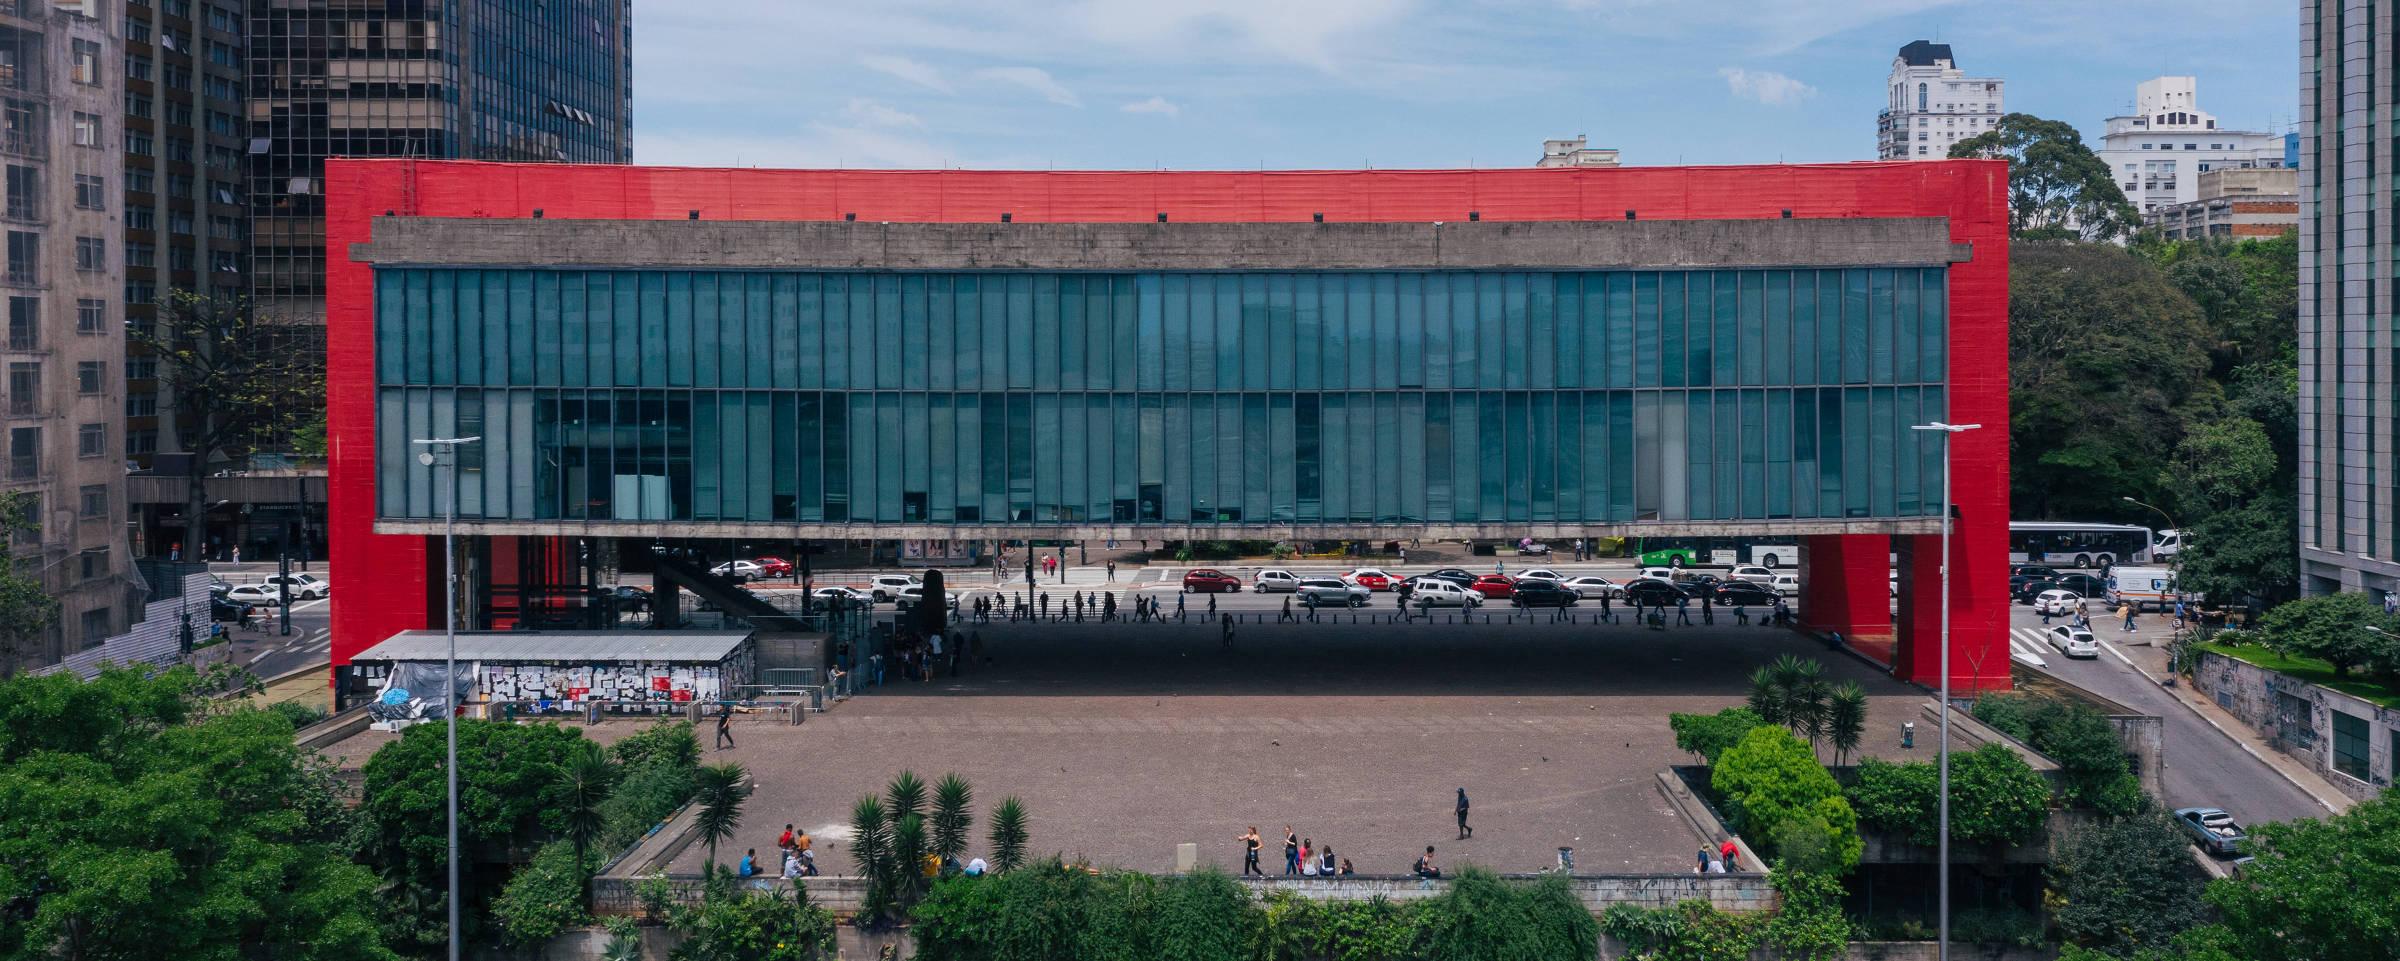 MASP: história, localização, arquitetura e outras curiosidades sobre um dos principais museus de SP